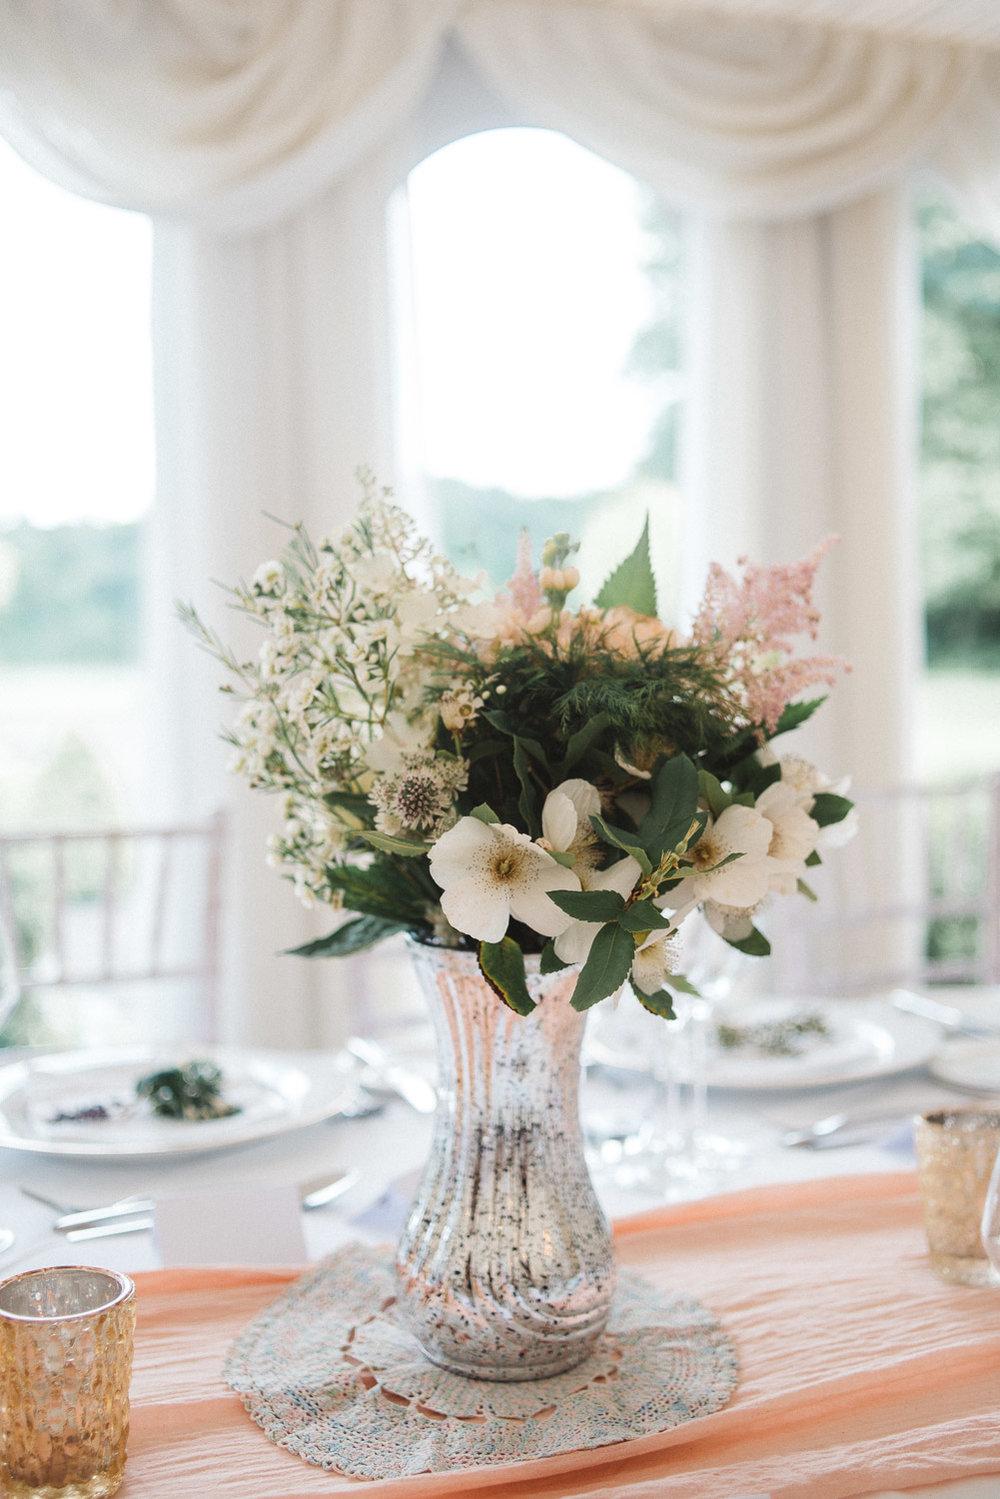 Fresh flowers on dinner table